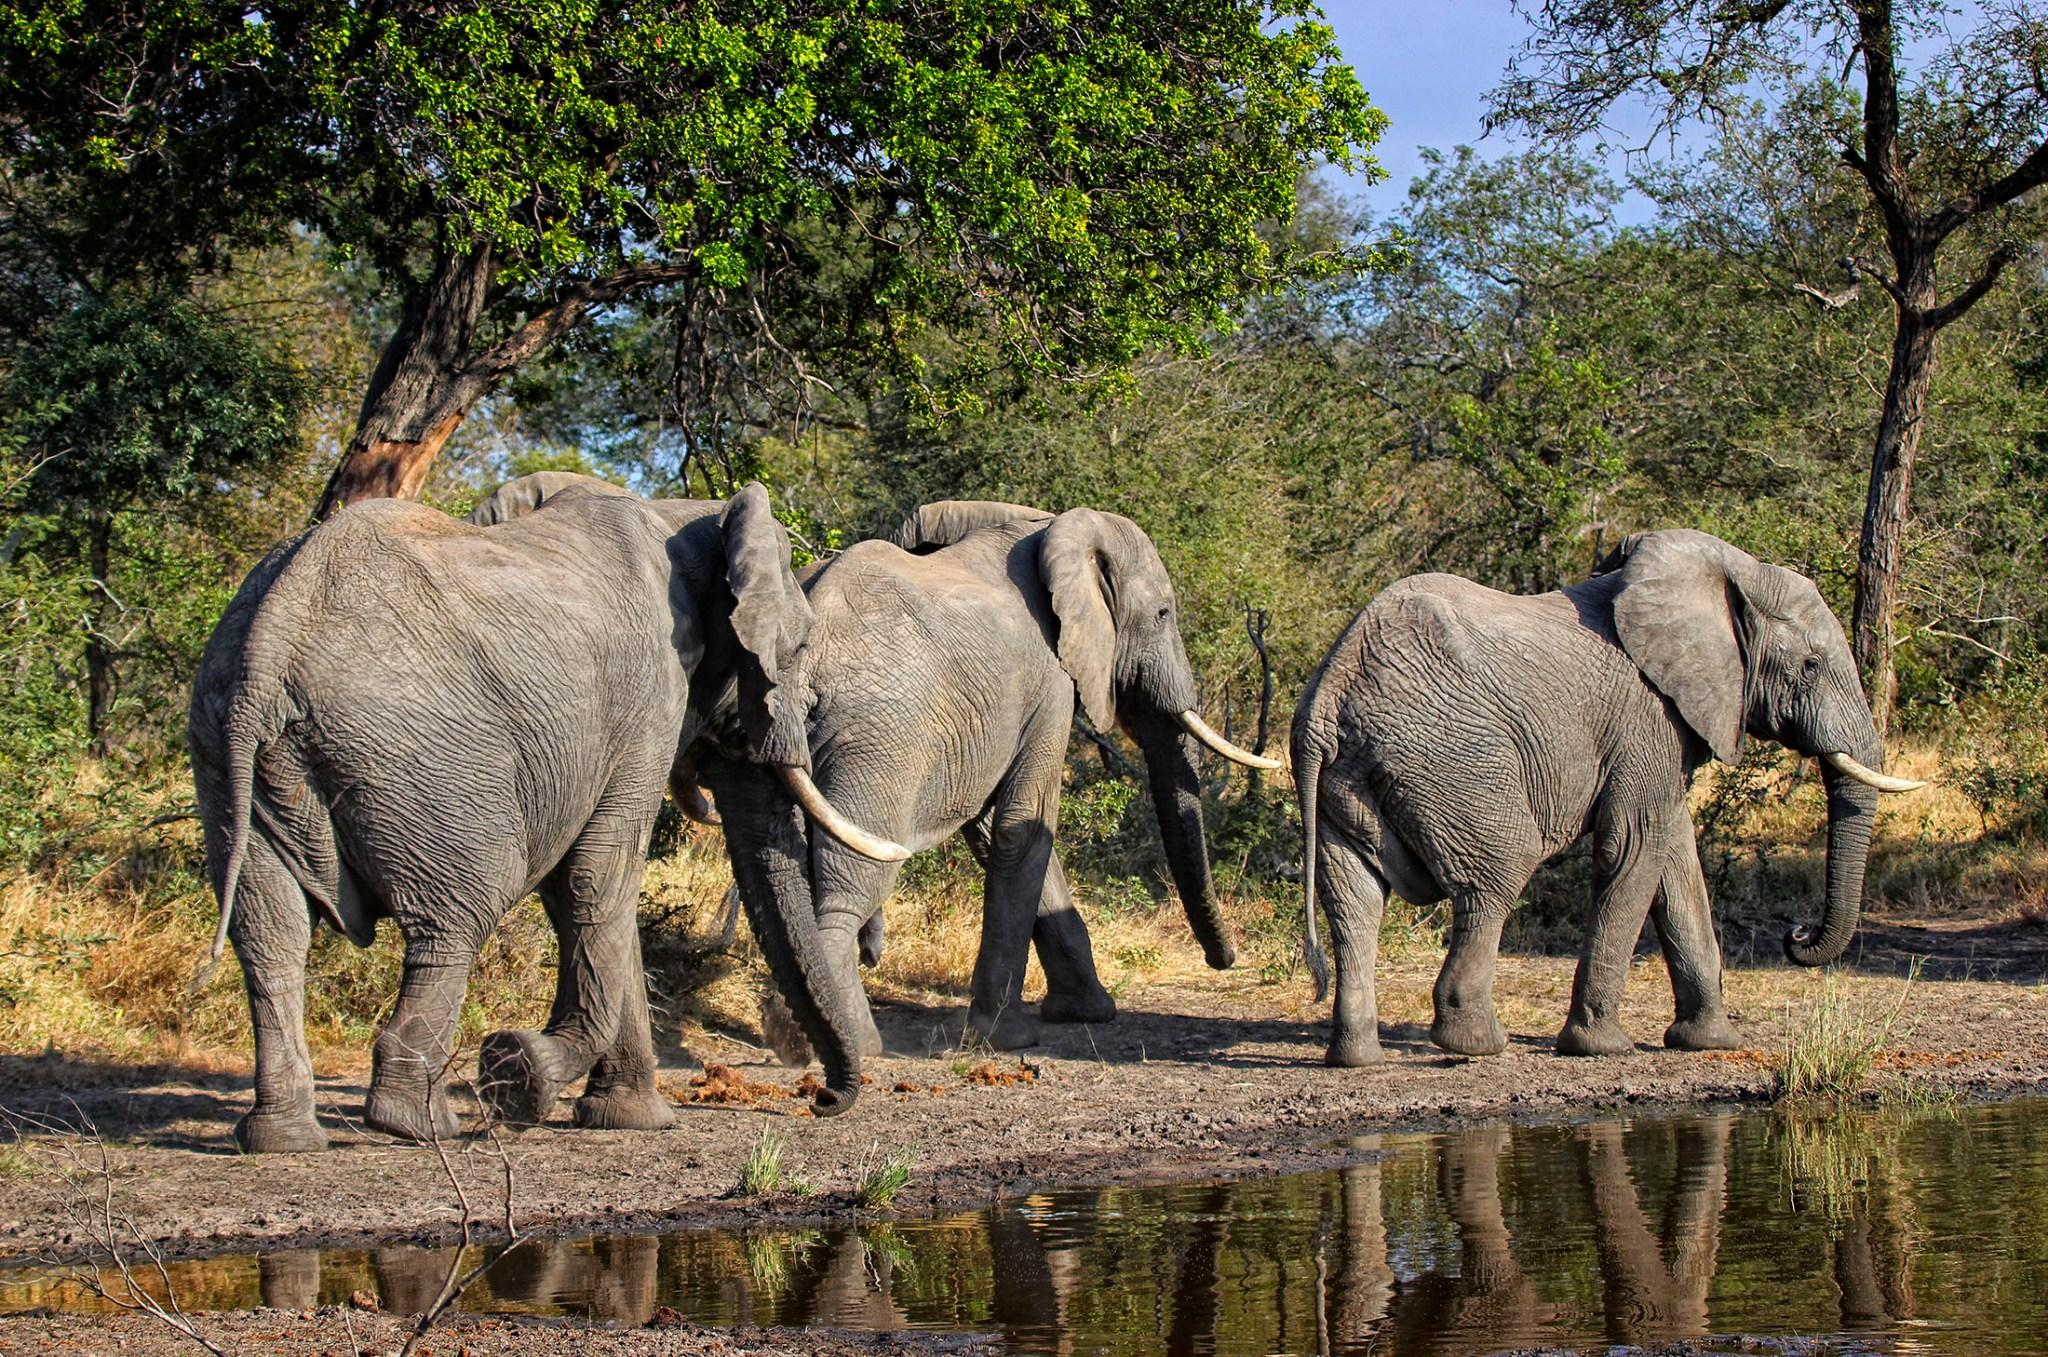 Photo of elephants walking